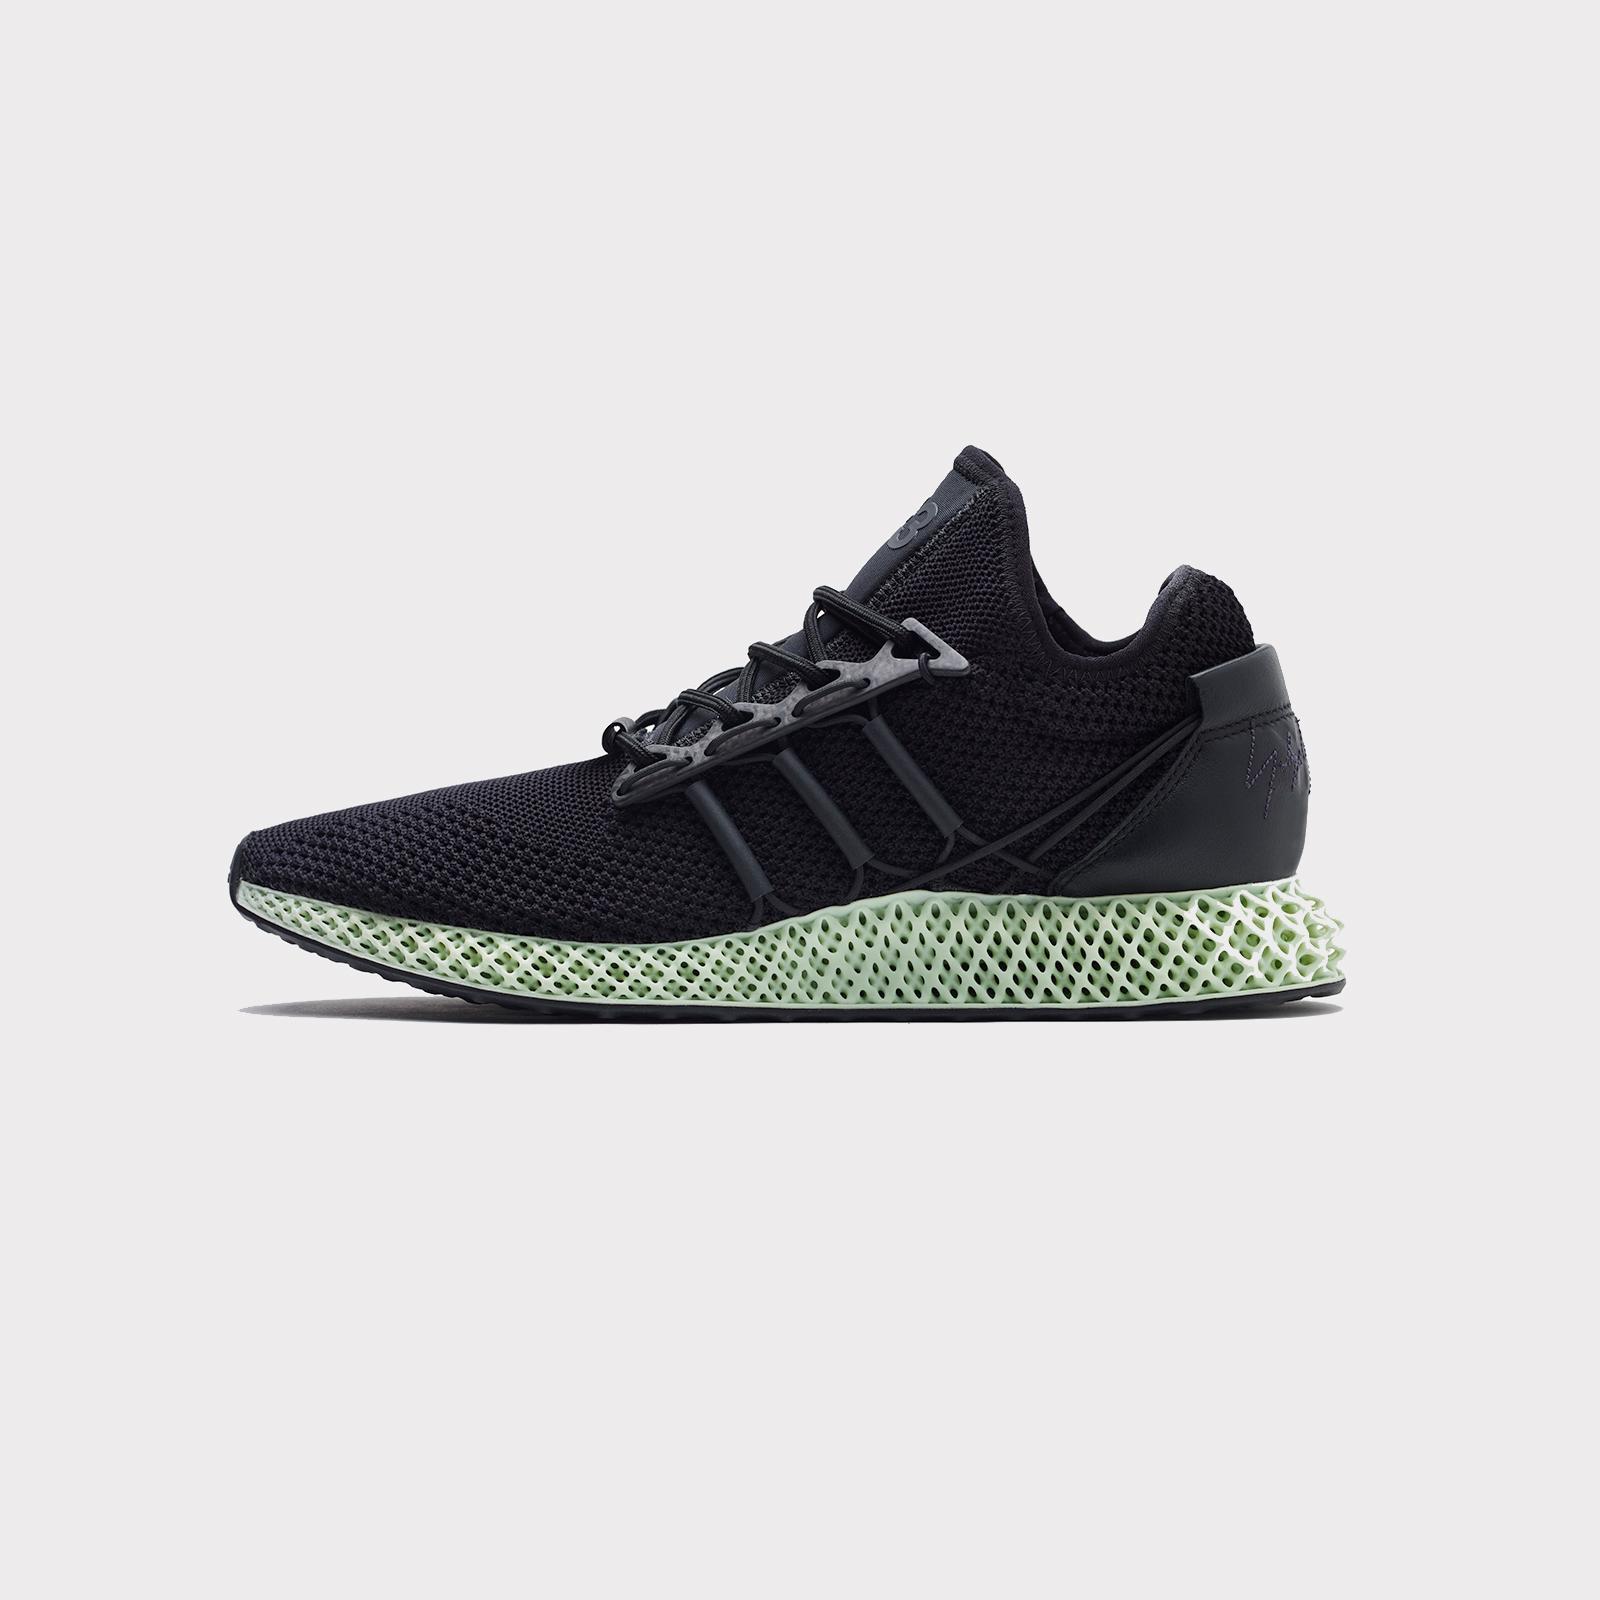 adidas Y-3 Runner 4D II - Cg6607 - Sneakersnstuff I Sneakers ...